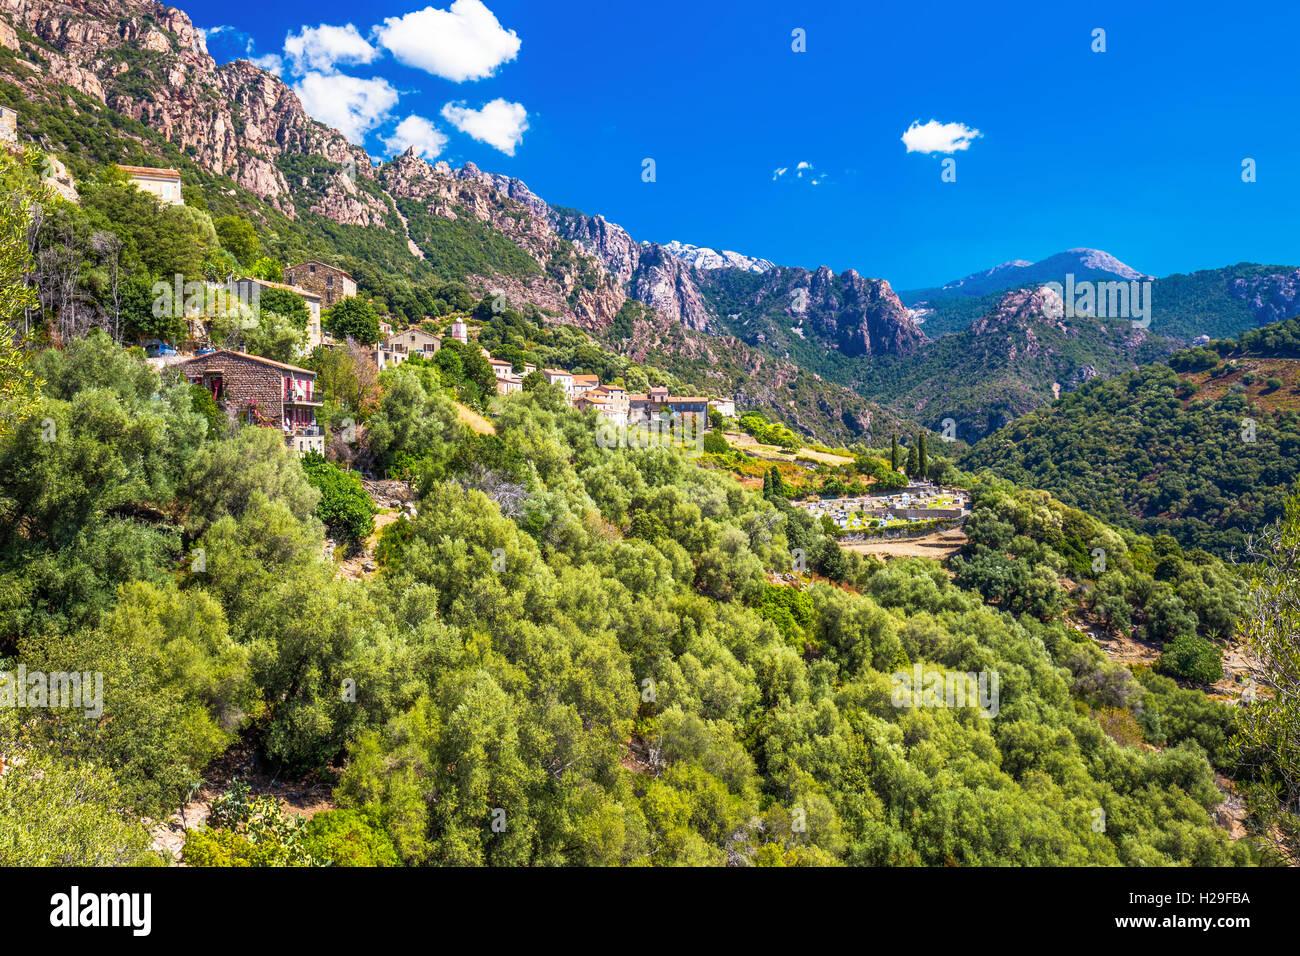 Città Ota con lo sfondo delle montagne vicino a Evisa e Porto, Corsica, Francia. Immagini Stock